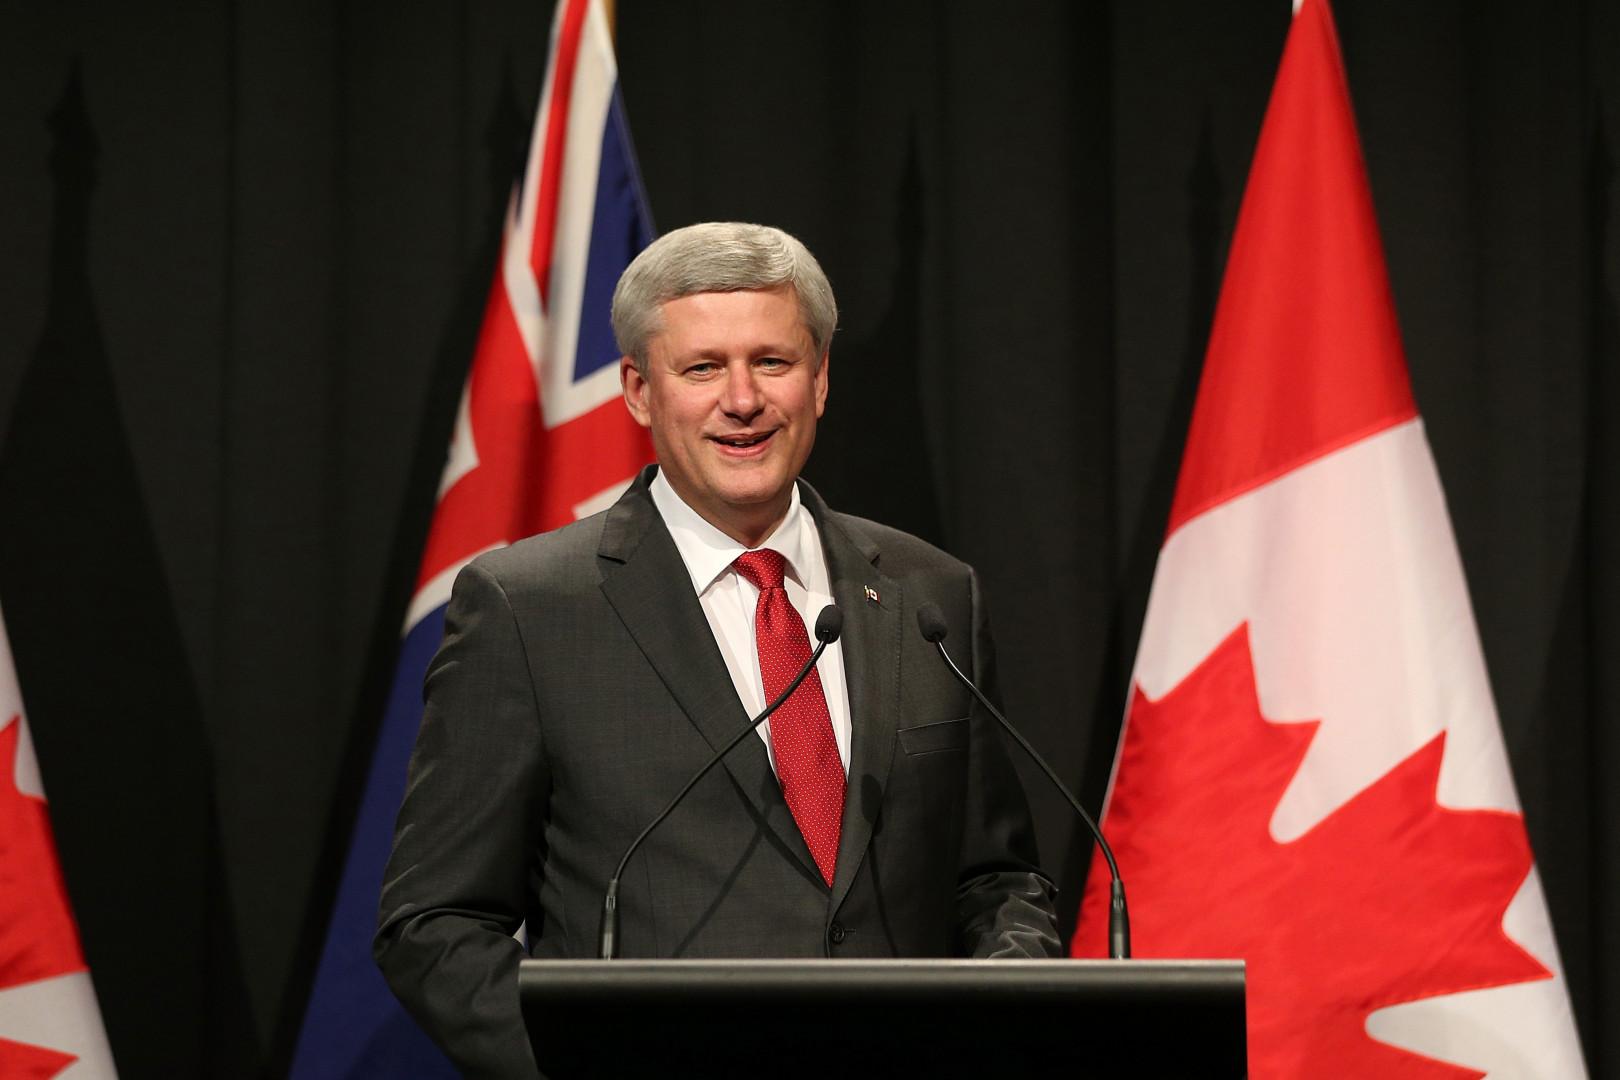 2. Le premier ministre canadien, Stephen Harper, gagne 260.000 dollars par an